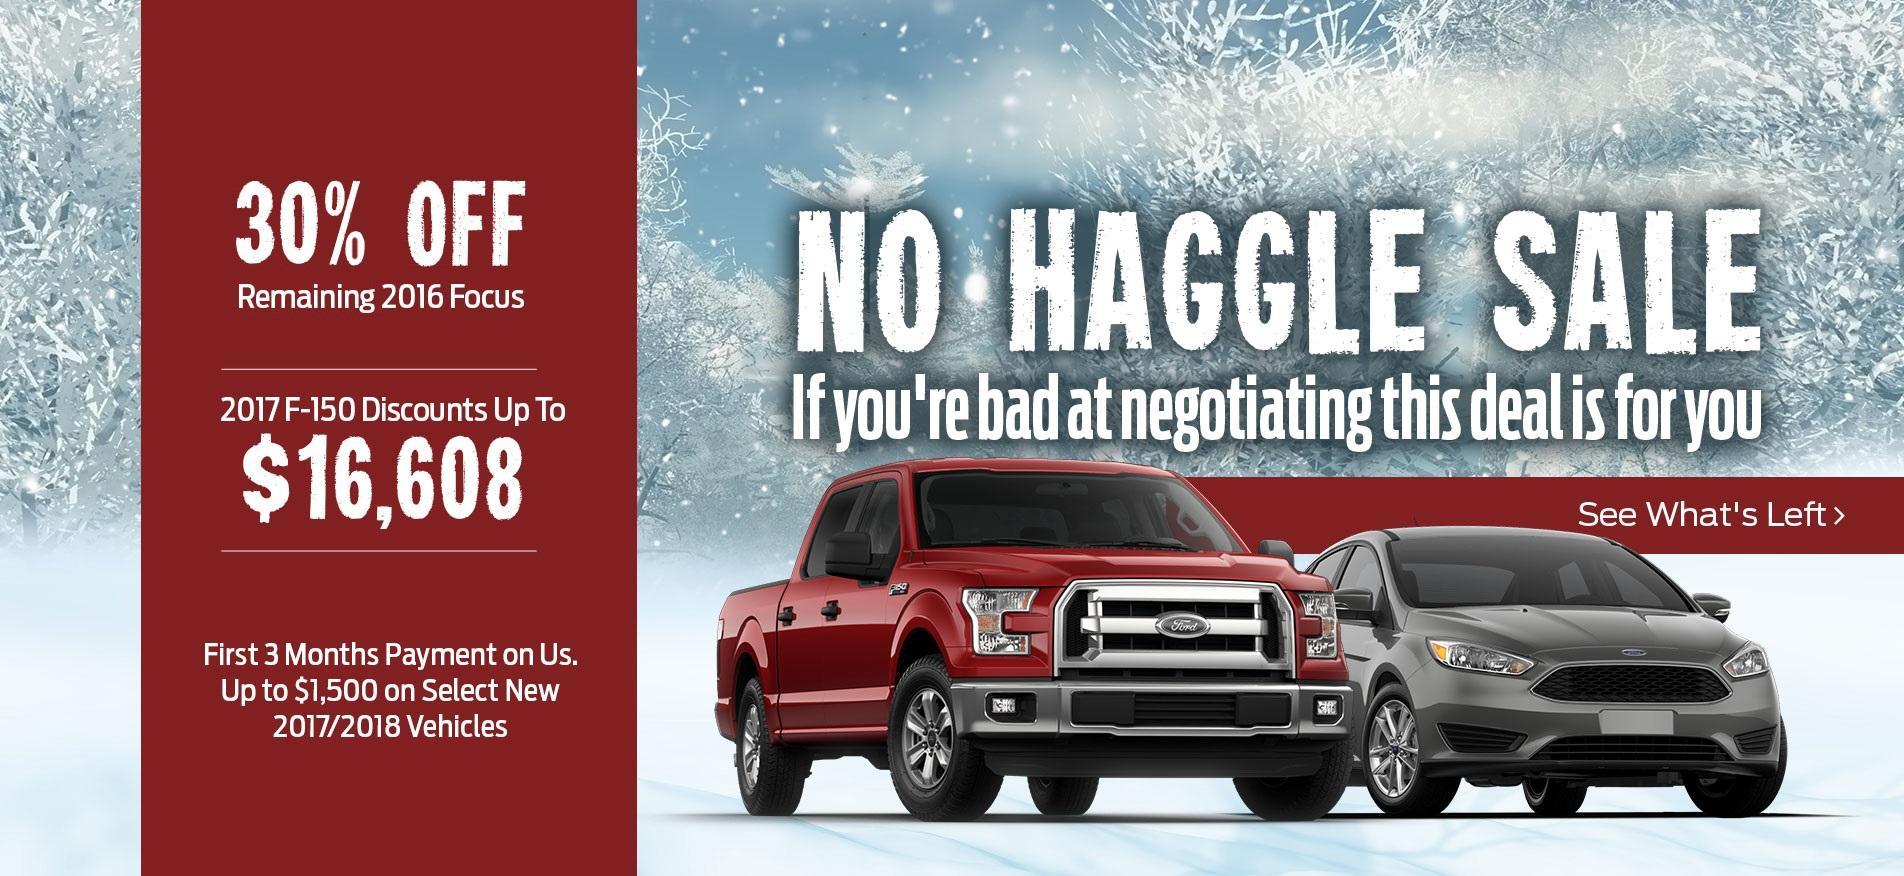 No Haggle Sale